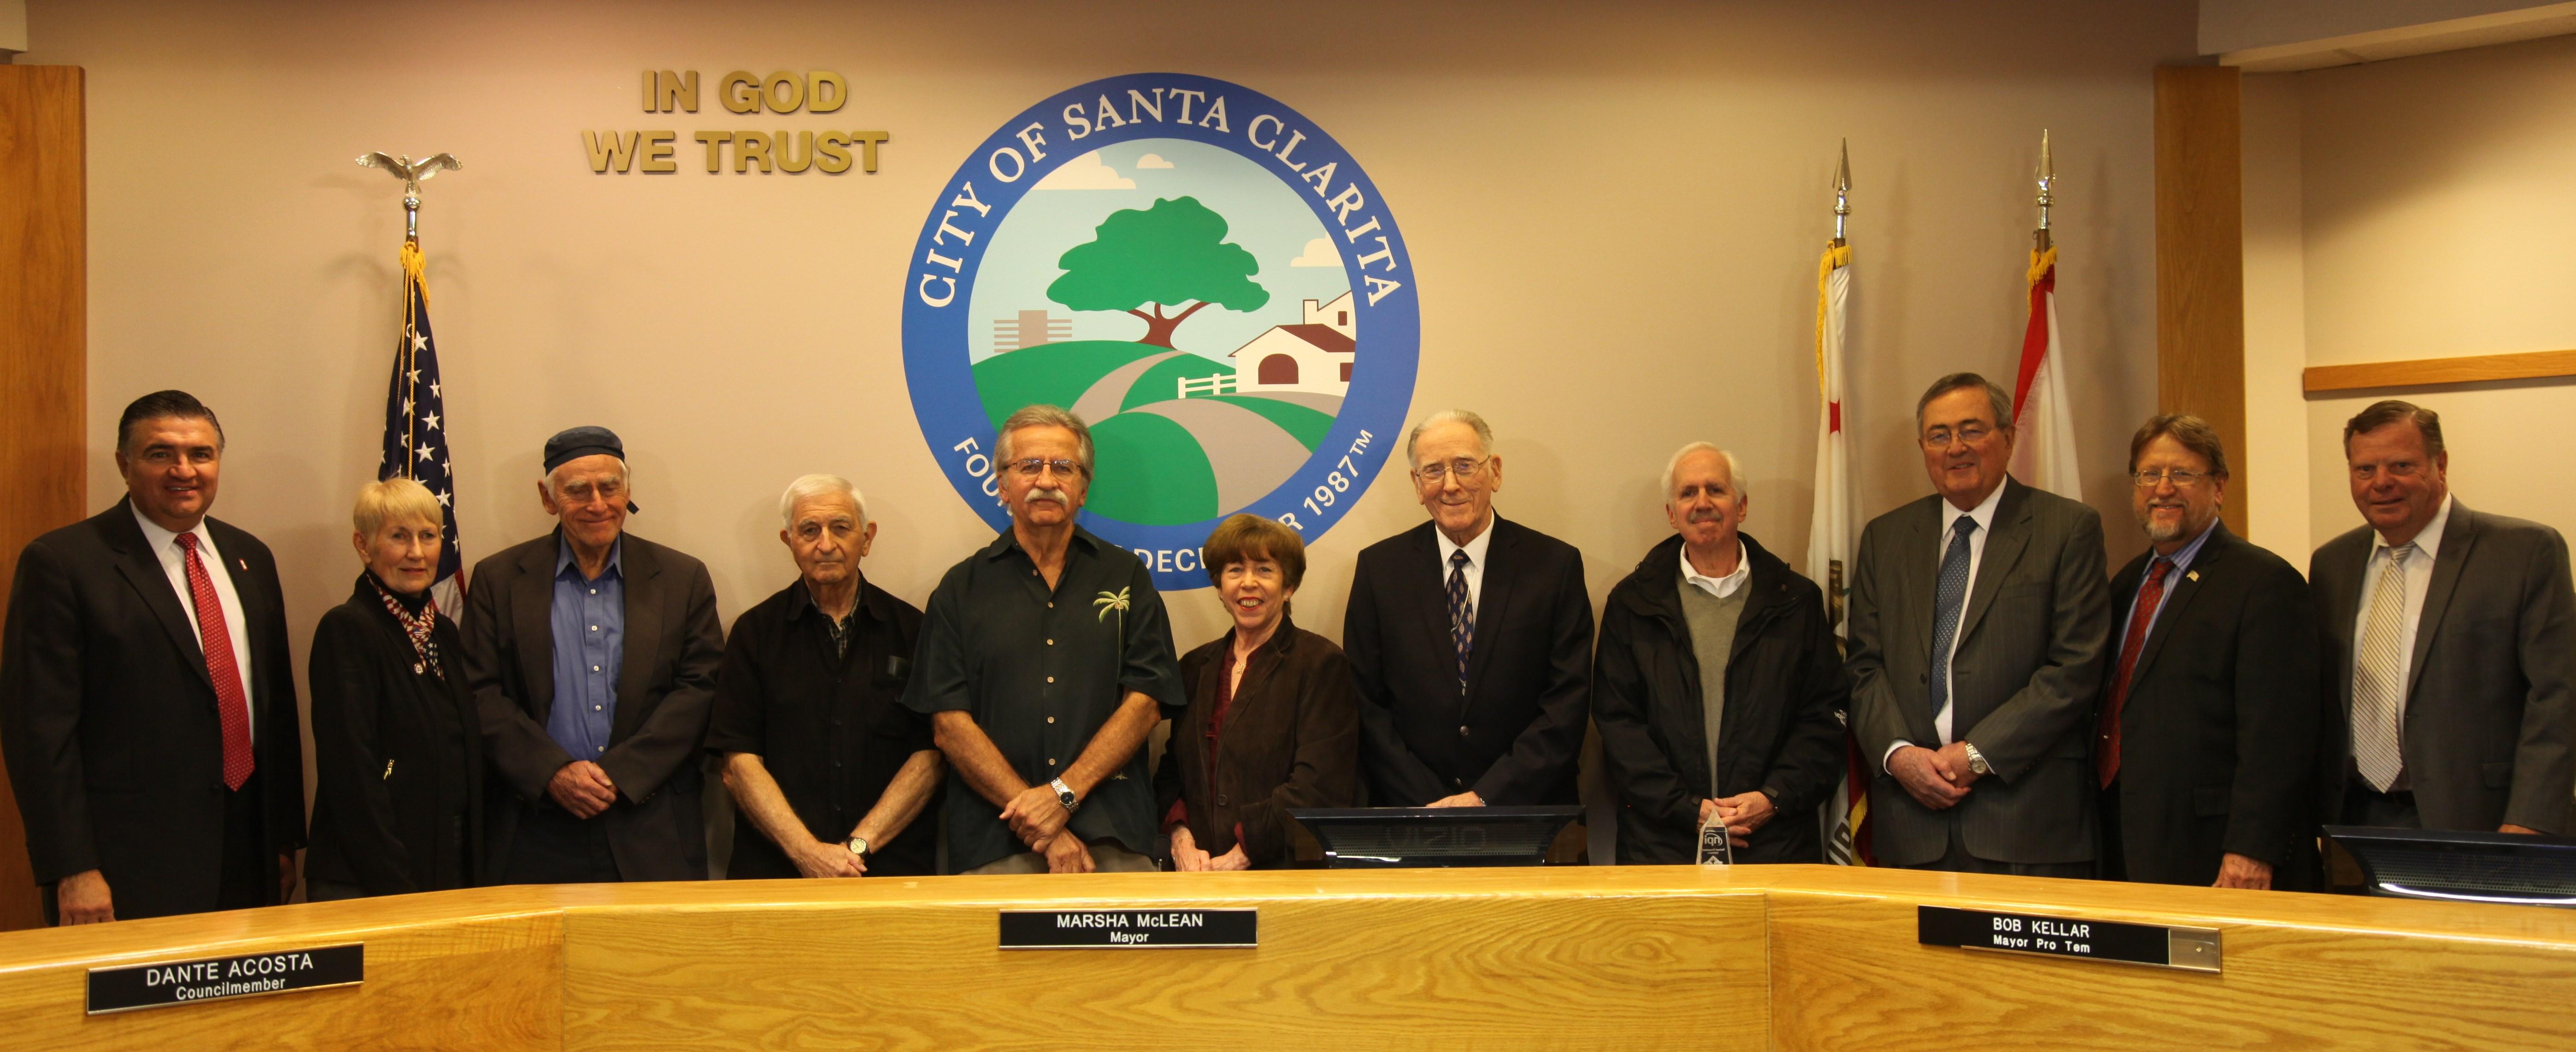 40 Year MDs at City Council 11-13-2015